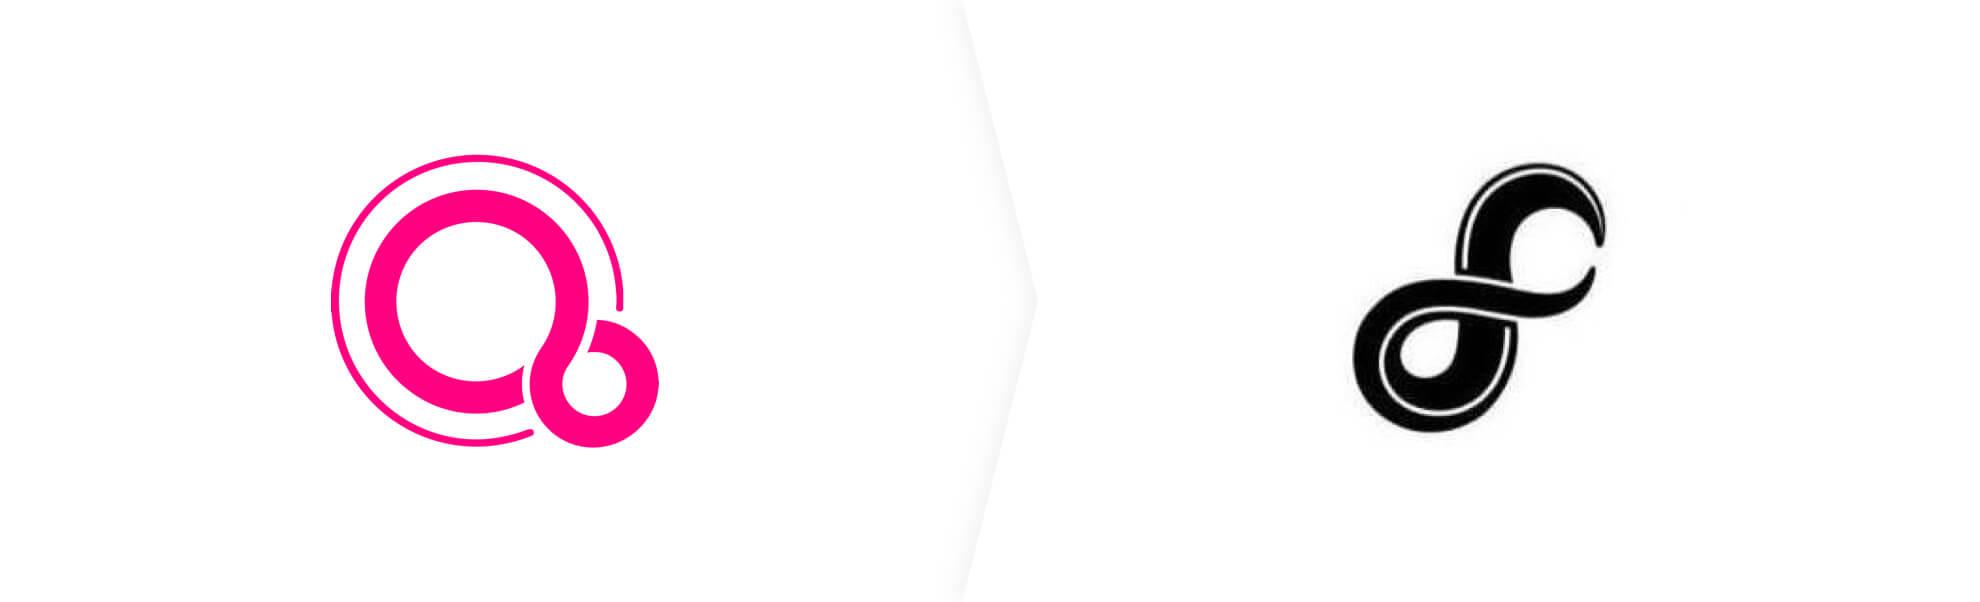 Fuchsia OS new logo